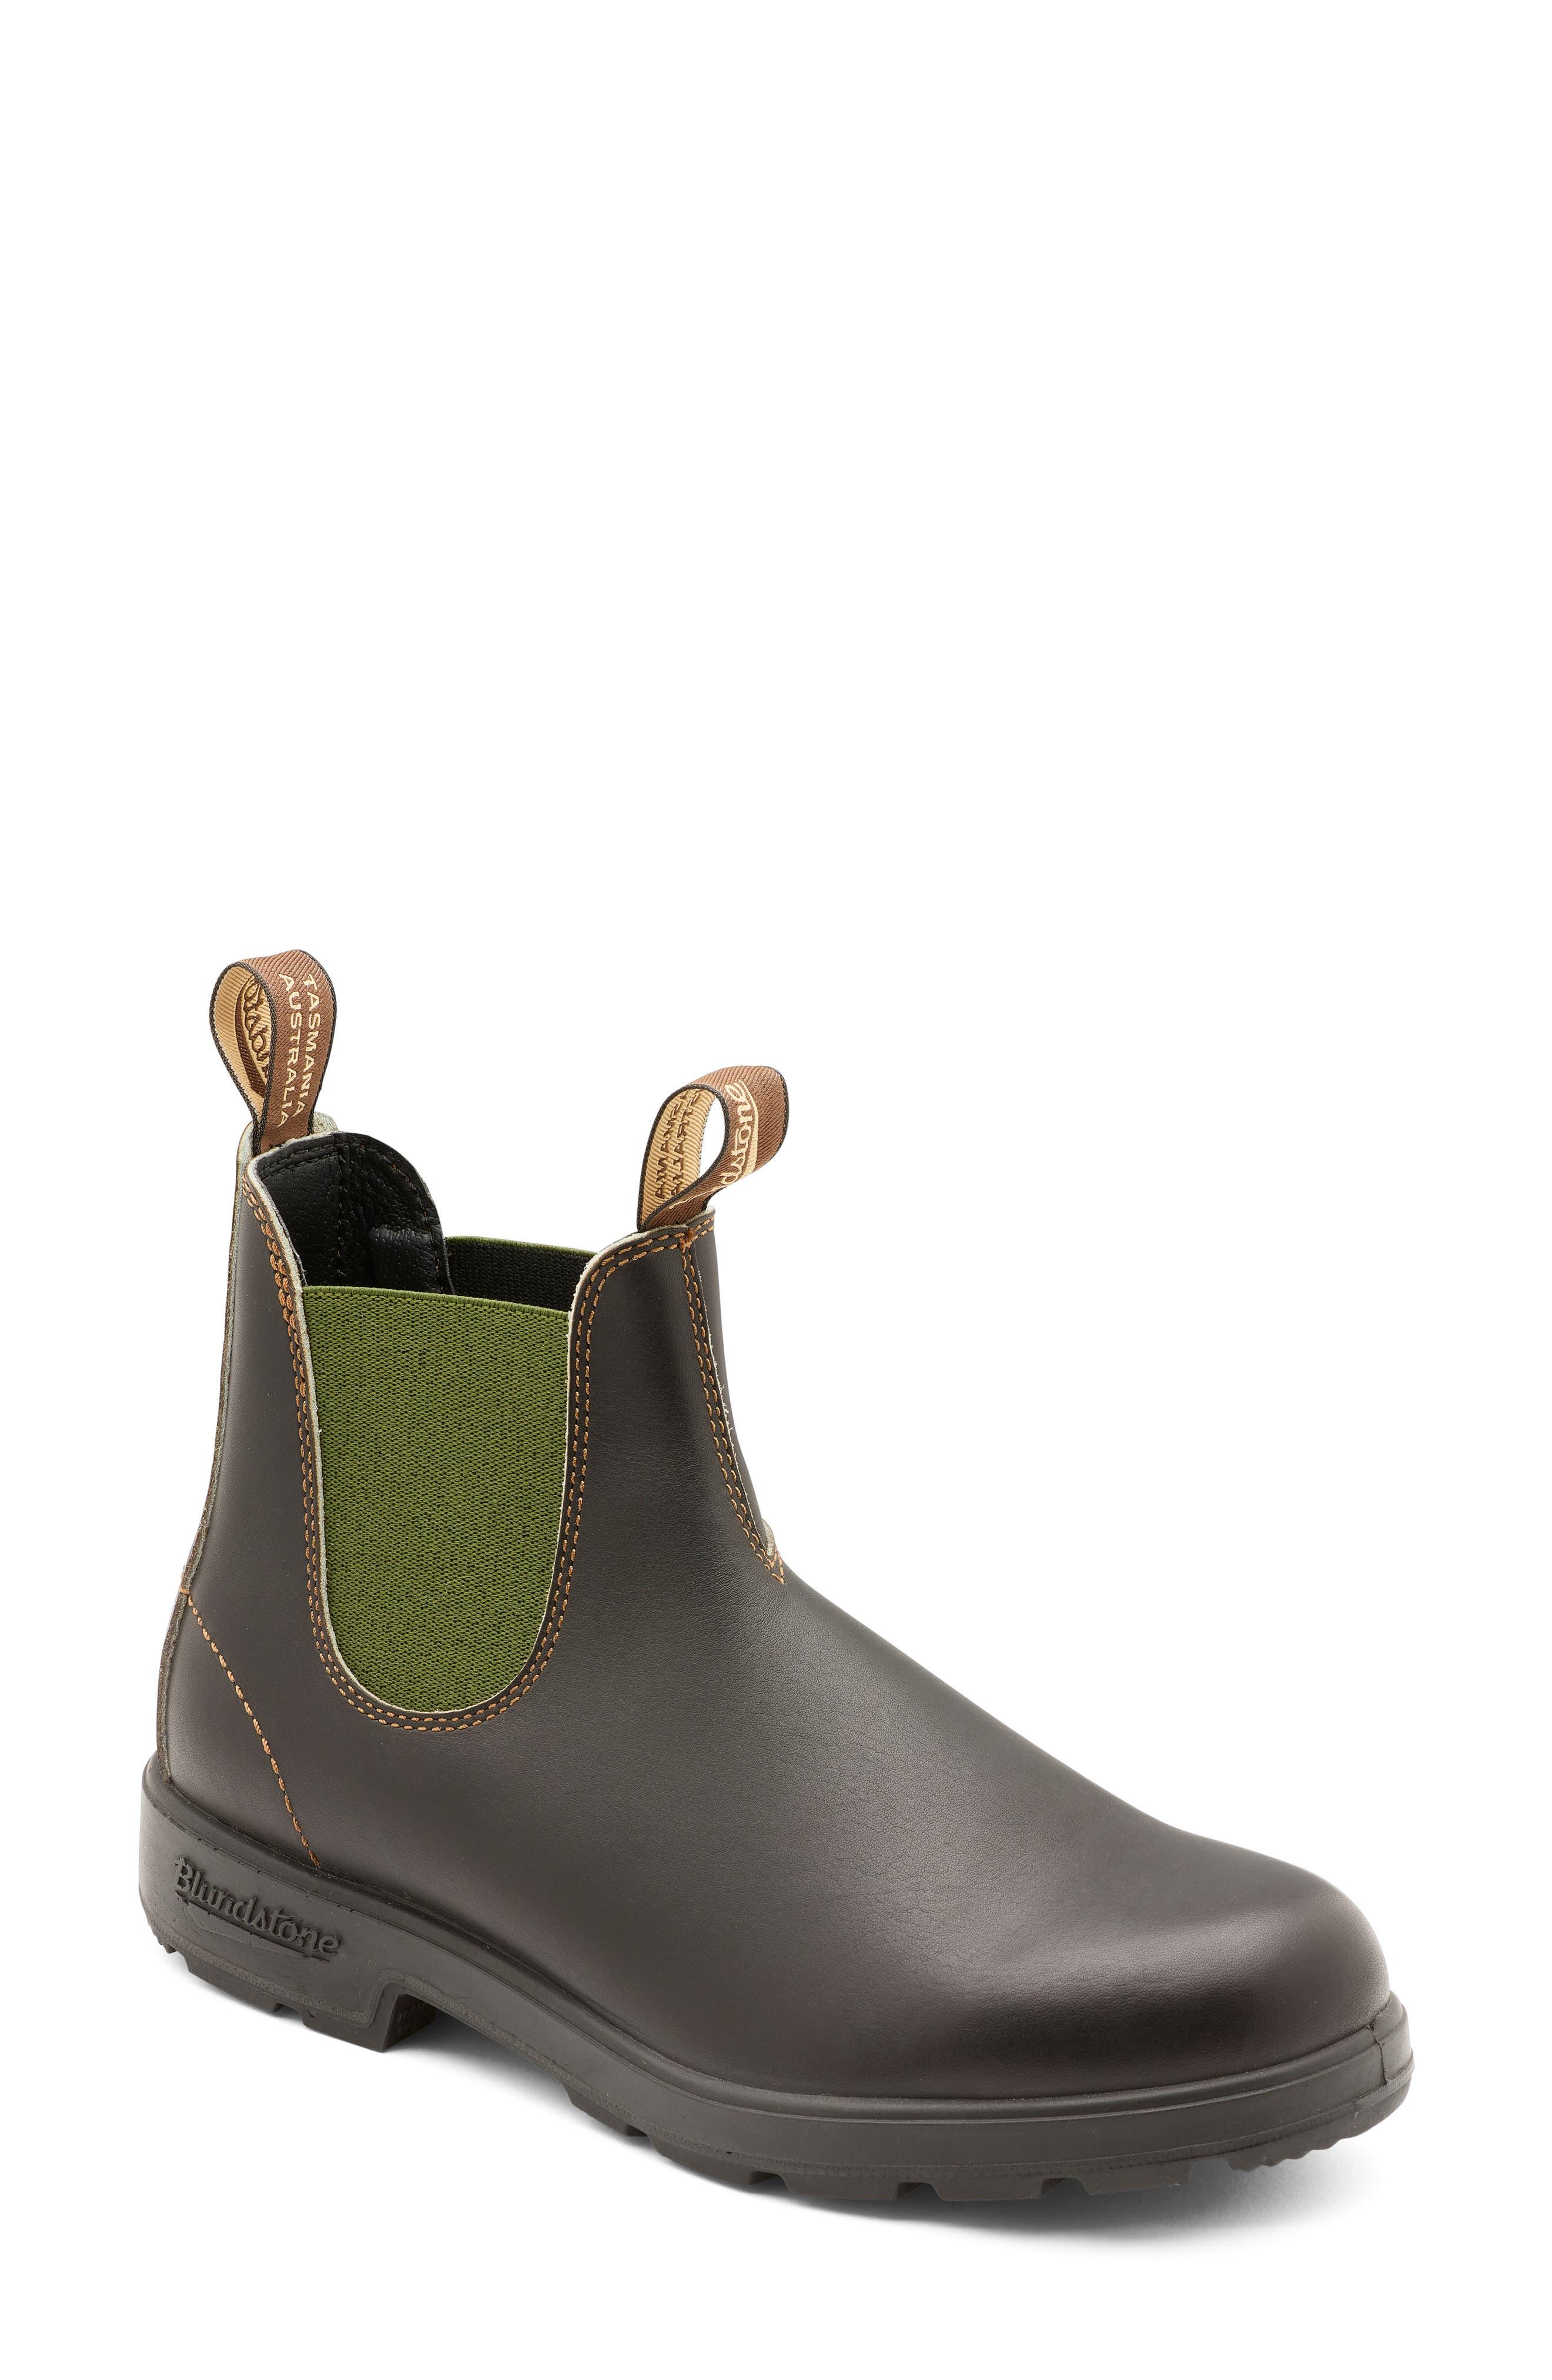 Men's Blundstone Original 500 Water Resistant Chelsea Boot